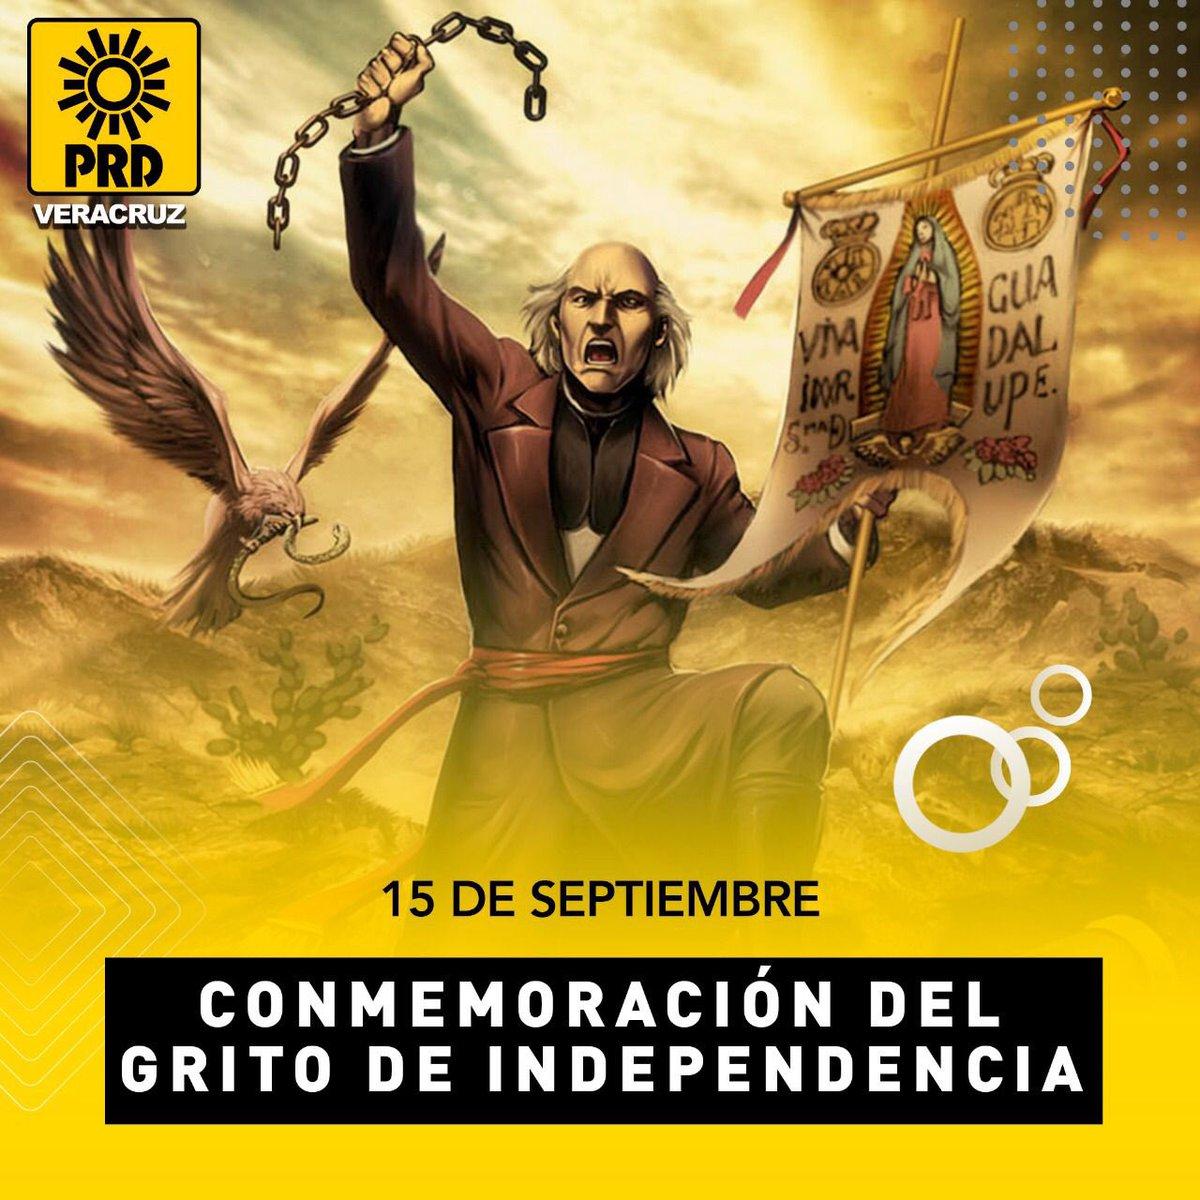 test Twitter Media - #Efeméride 🟡  El día de hoy conmemoramos el #GritoDeDolores, quien hizo un llamado a los mexicanos para levantarse en armas contra la Nueva España, iniciando de esta manera la #Independencia. https://t.co/T7LTHXkUtz